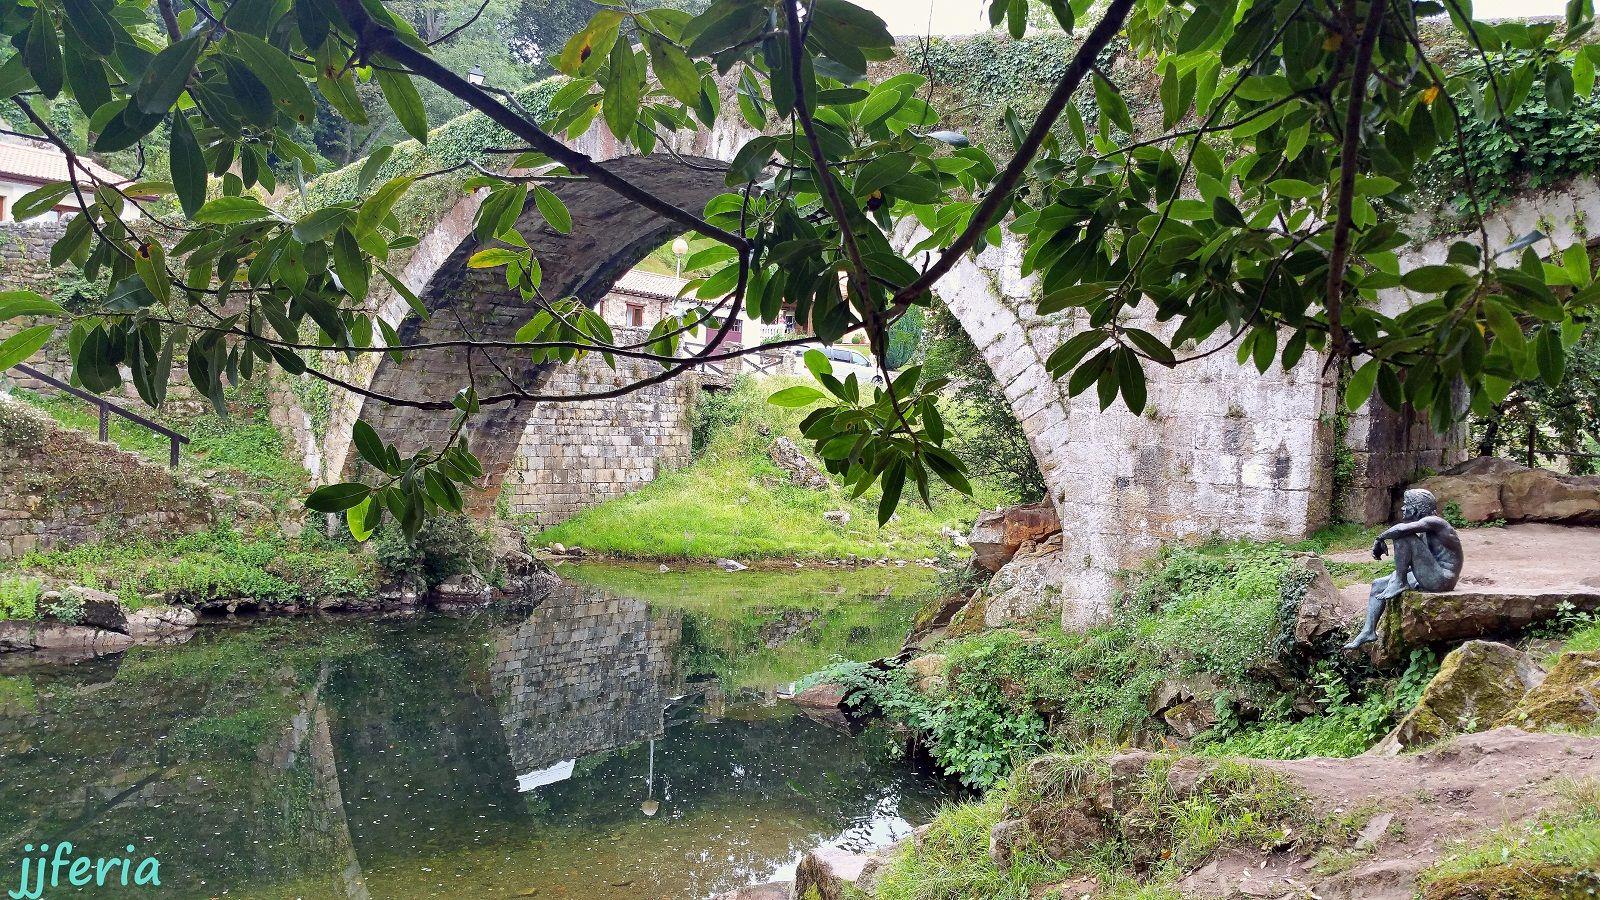 El hombre pez de Liérganes junto al puente medieval sobre el río Miera (jjferia)